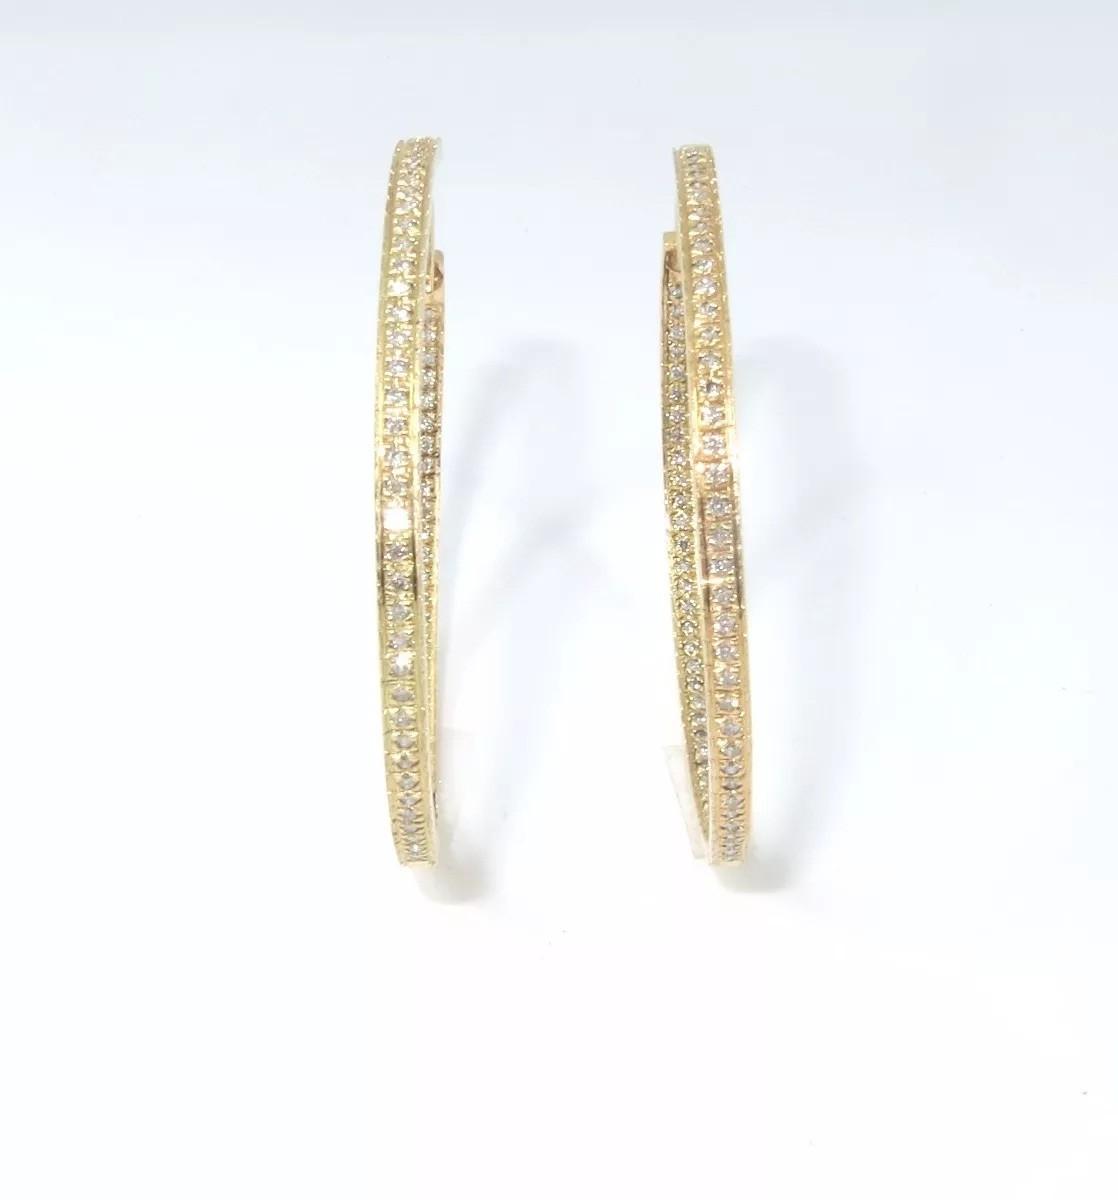 Brinco Argola Ouro 18k e 63 pontos de diamantes  - Sancy